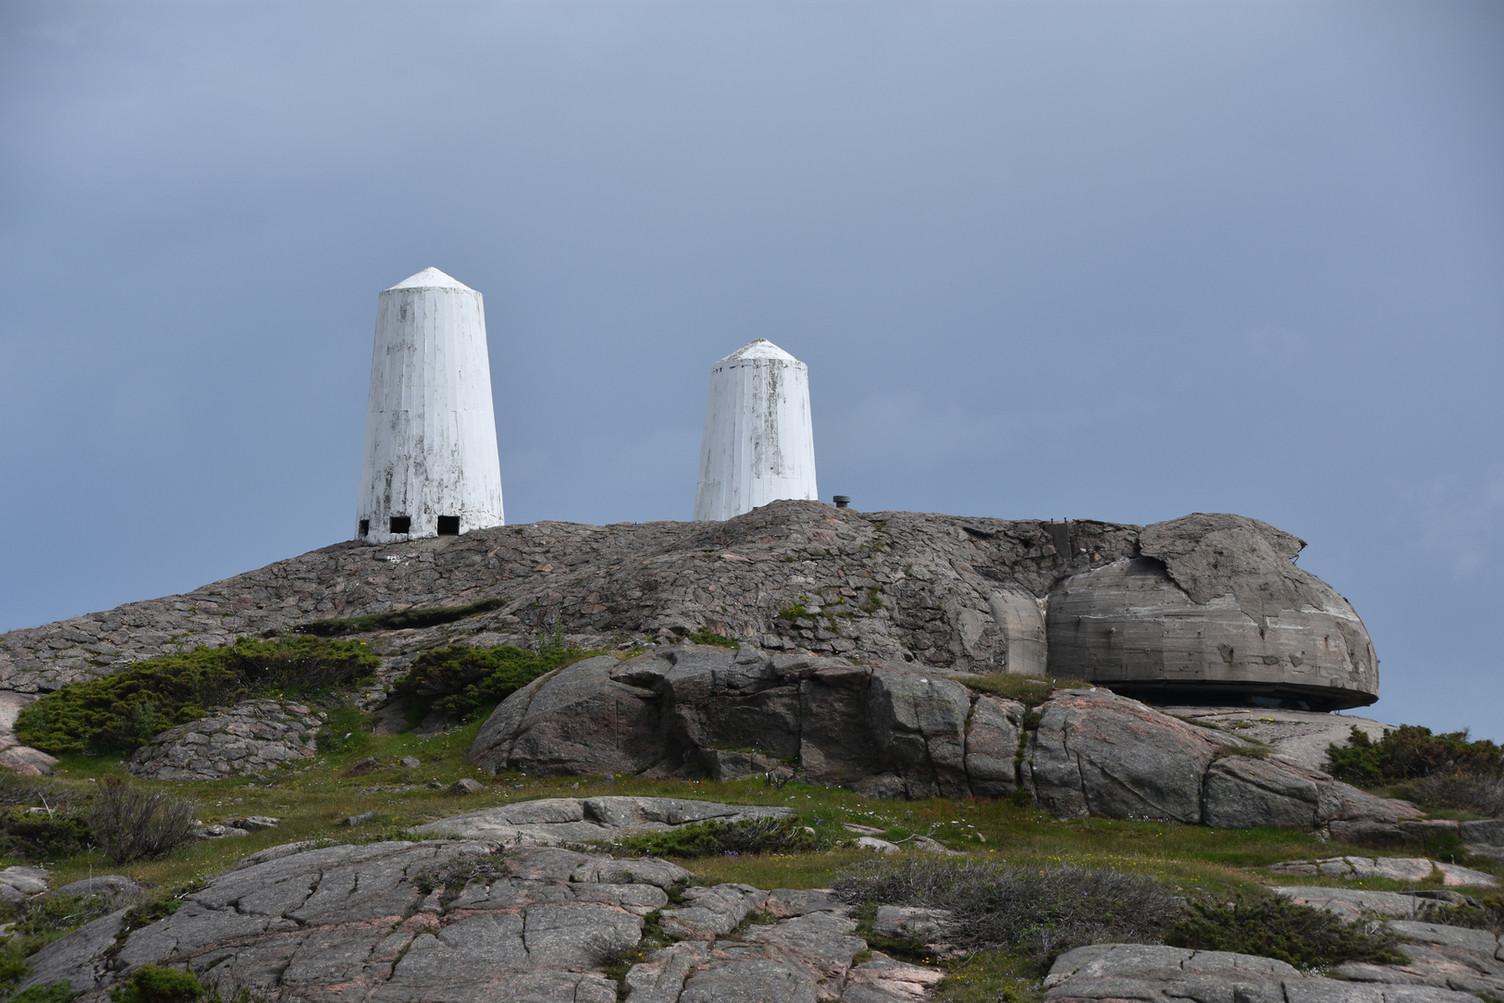 Vardene og kommandopost på Helgøya